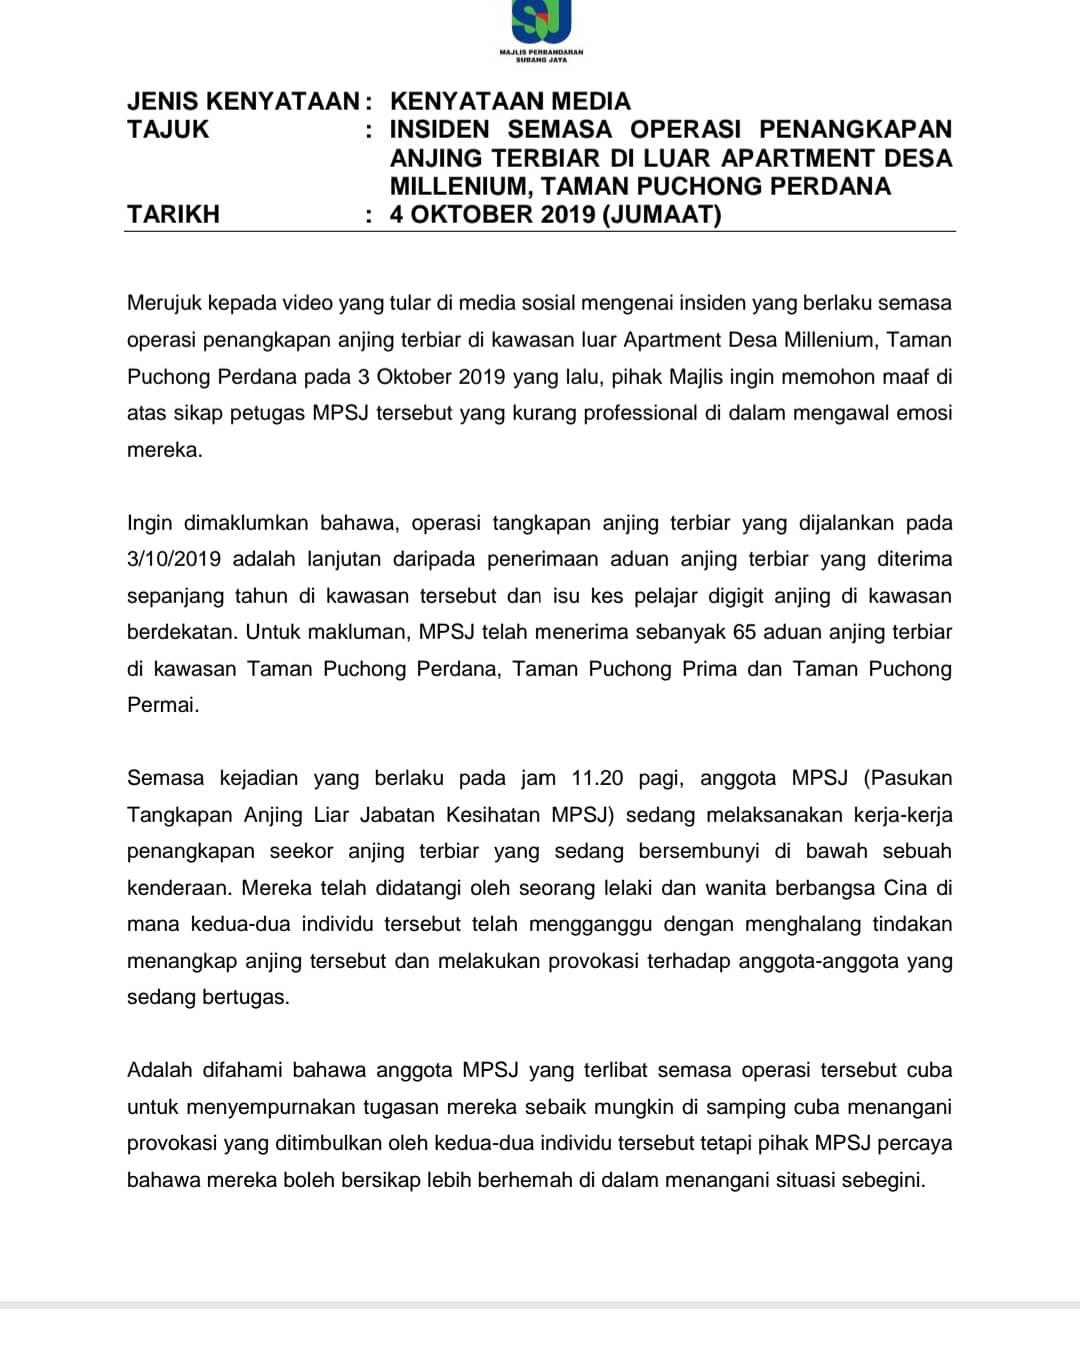 Majlis Perbandaran Subang Jaya On Twitter Kenyataan Media Mengenai Insiden Semasa Operasi Penangkapan Anjing Terbiar Di Luar Kawasan Apartment Desa Millenium Taman Puchong Perdana Https T Co Ekofldw9c7